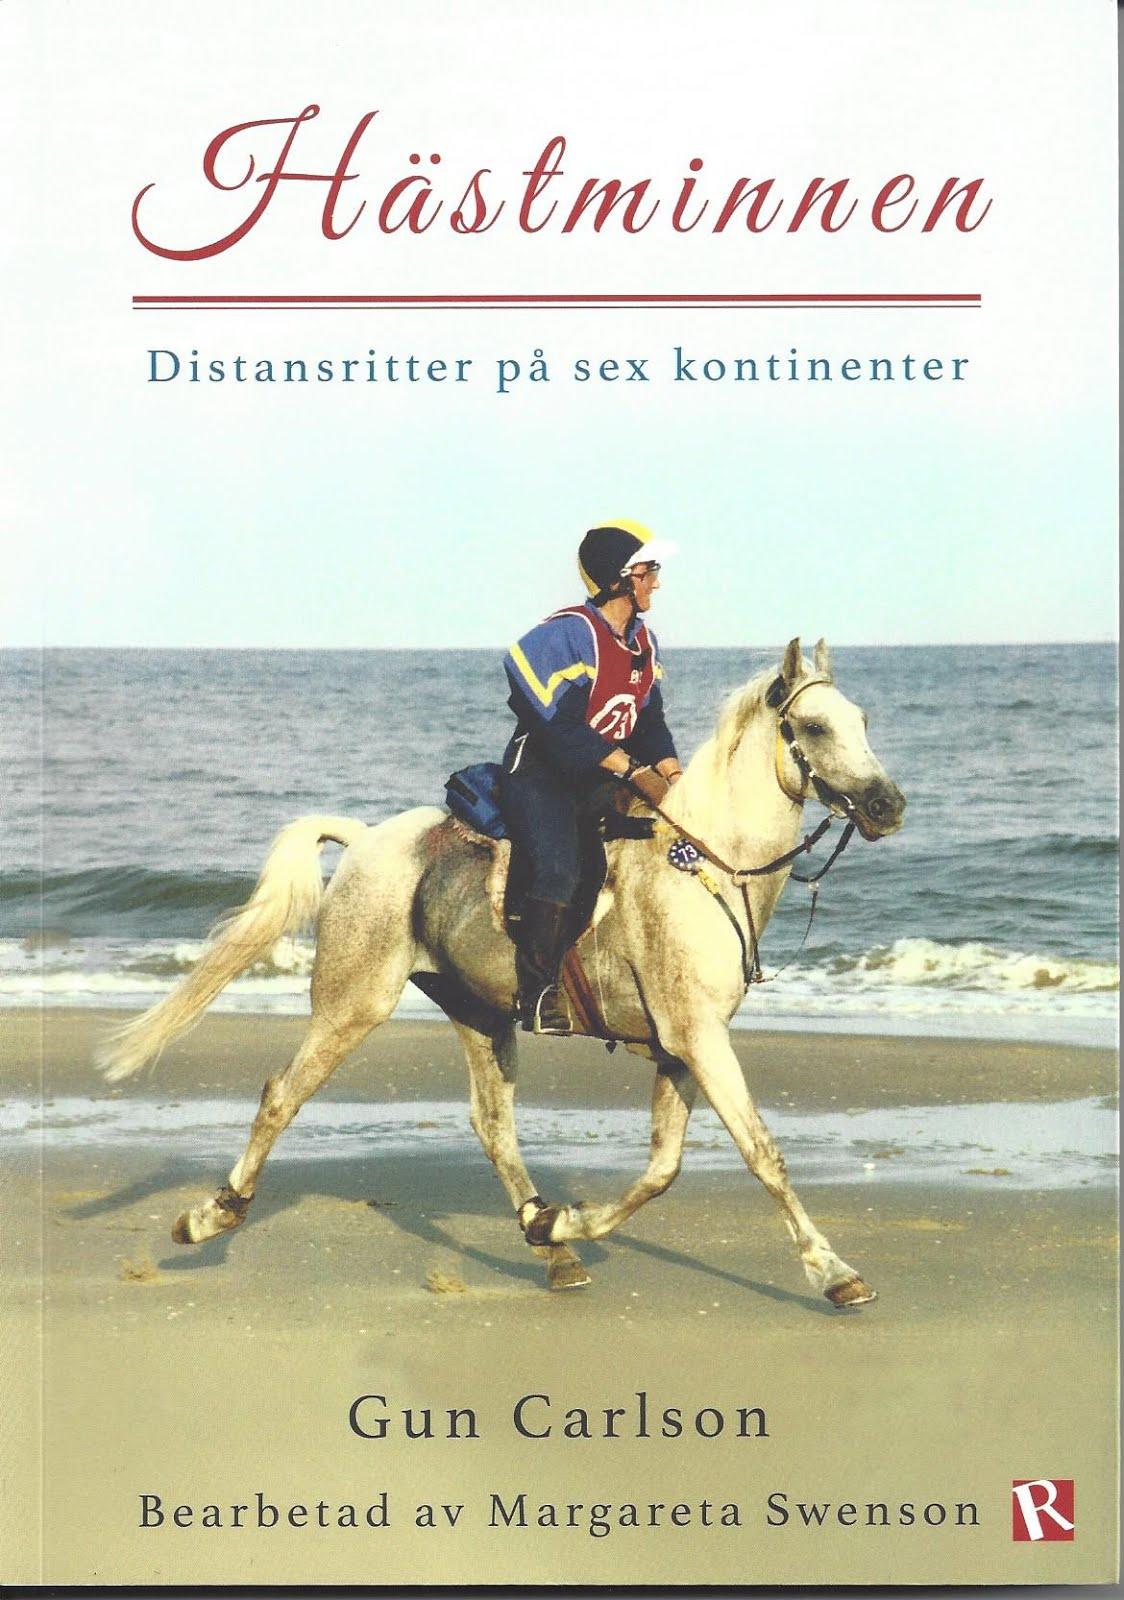 Egen bok från 2017: Hästminnen - distansritter på sex kontinenter